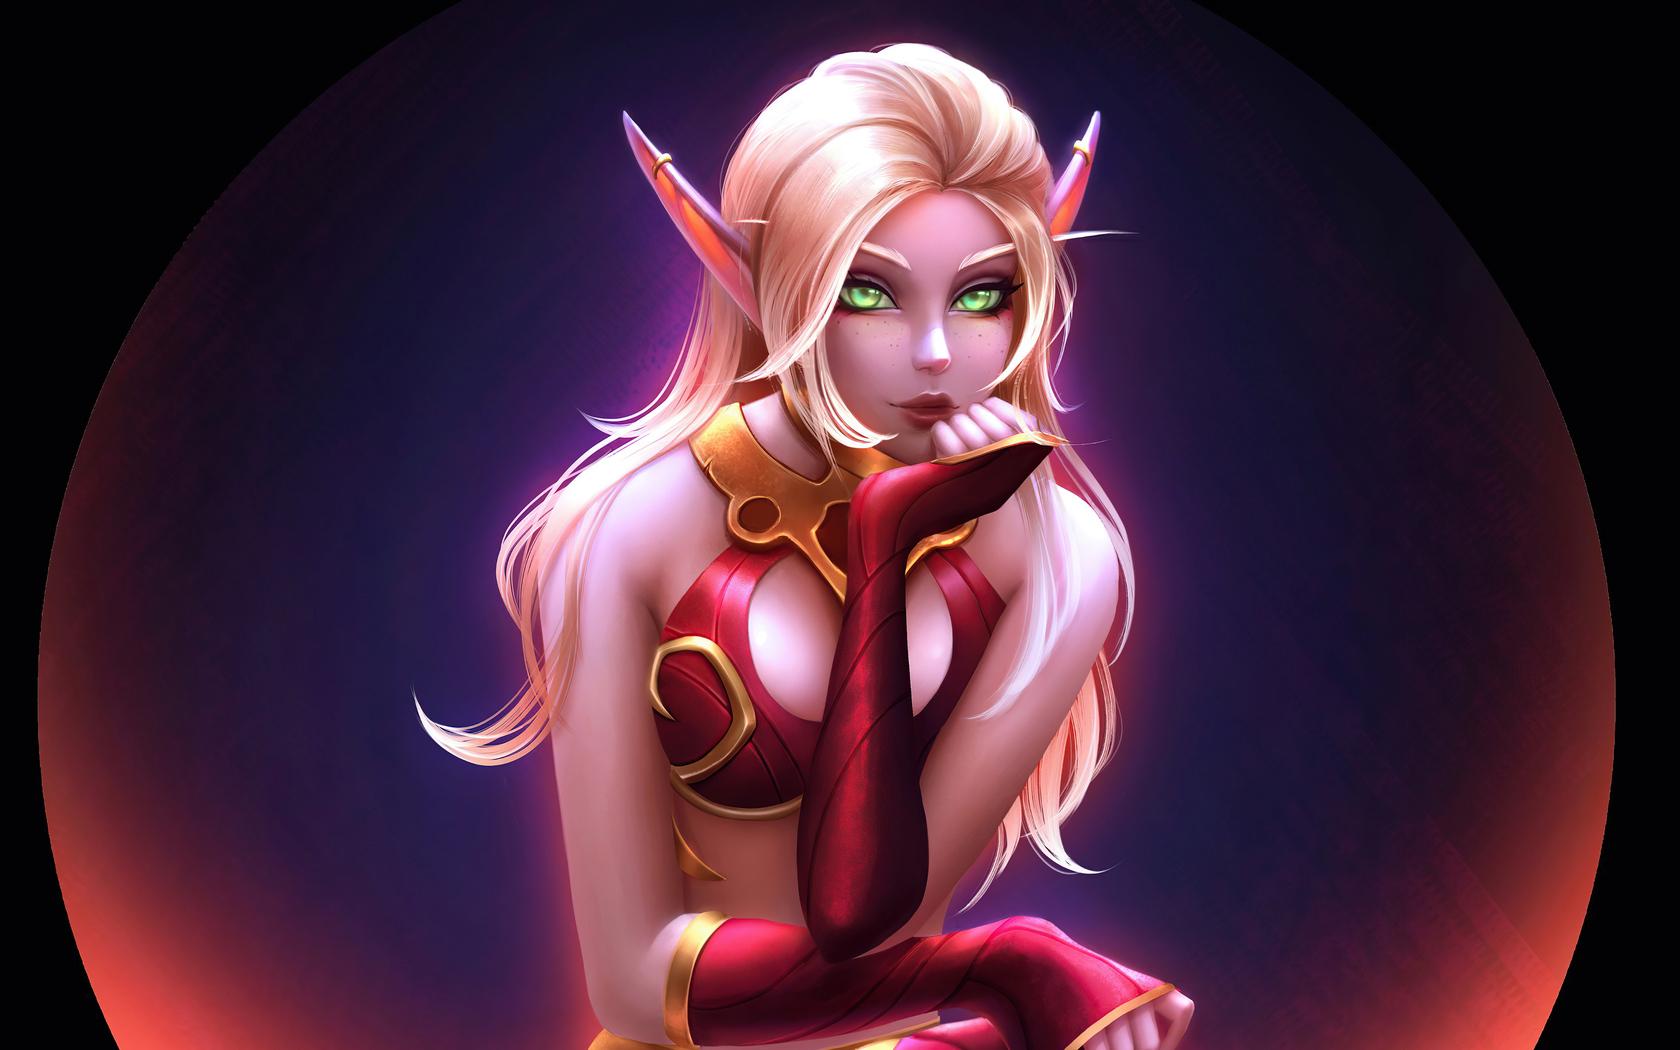 melisandra-fantasy-elf-girl-5k-ho.jpg